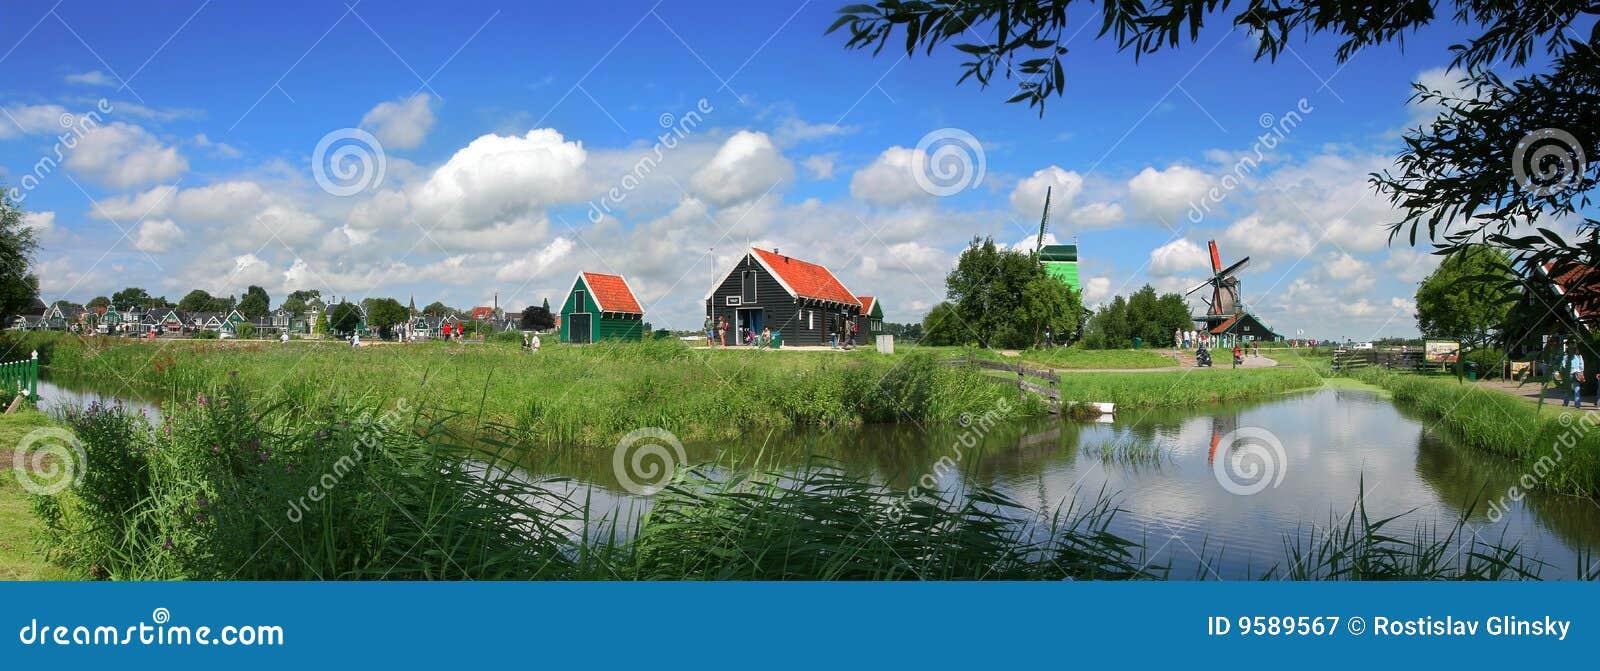 Dutch Village.